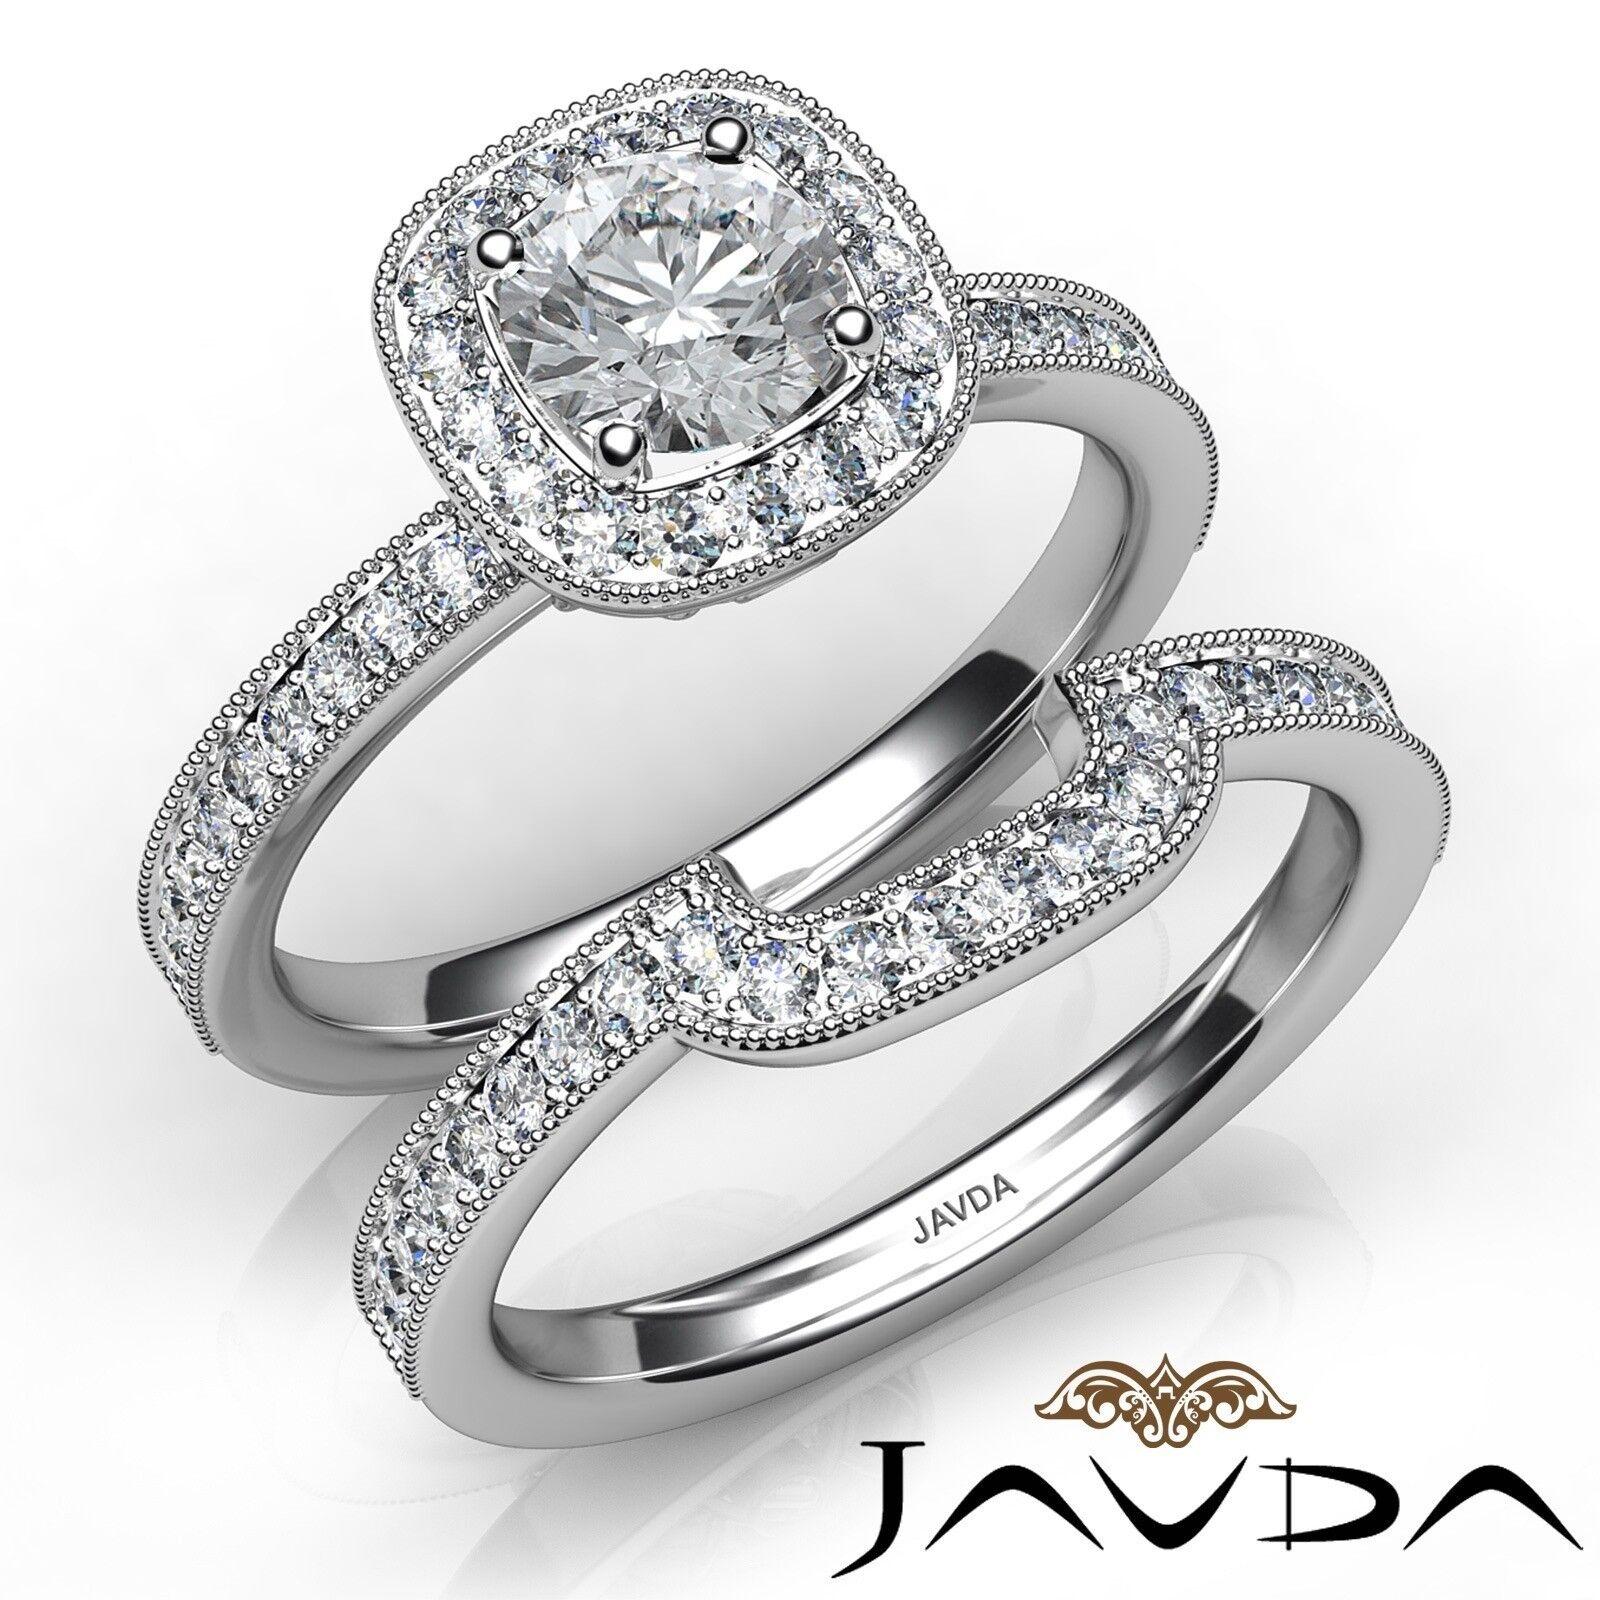 1.5ctw Milgrain Halo Bridal Round Diamond Engagement Ring GIA G-VVS1 White Gold